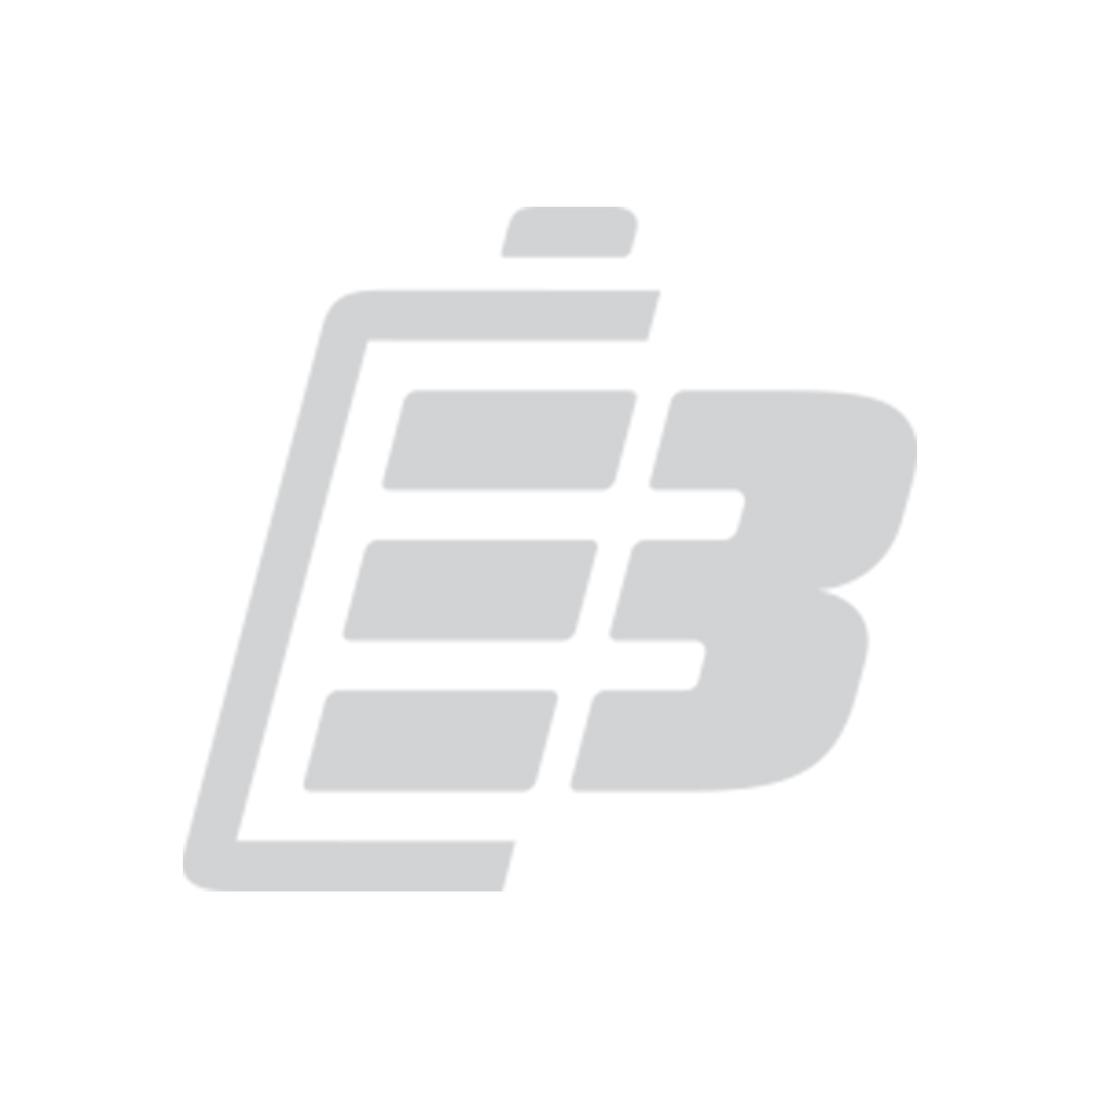 MPD Battery Holder 1_C